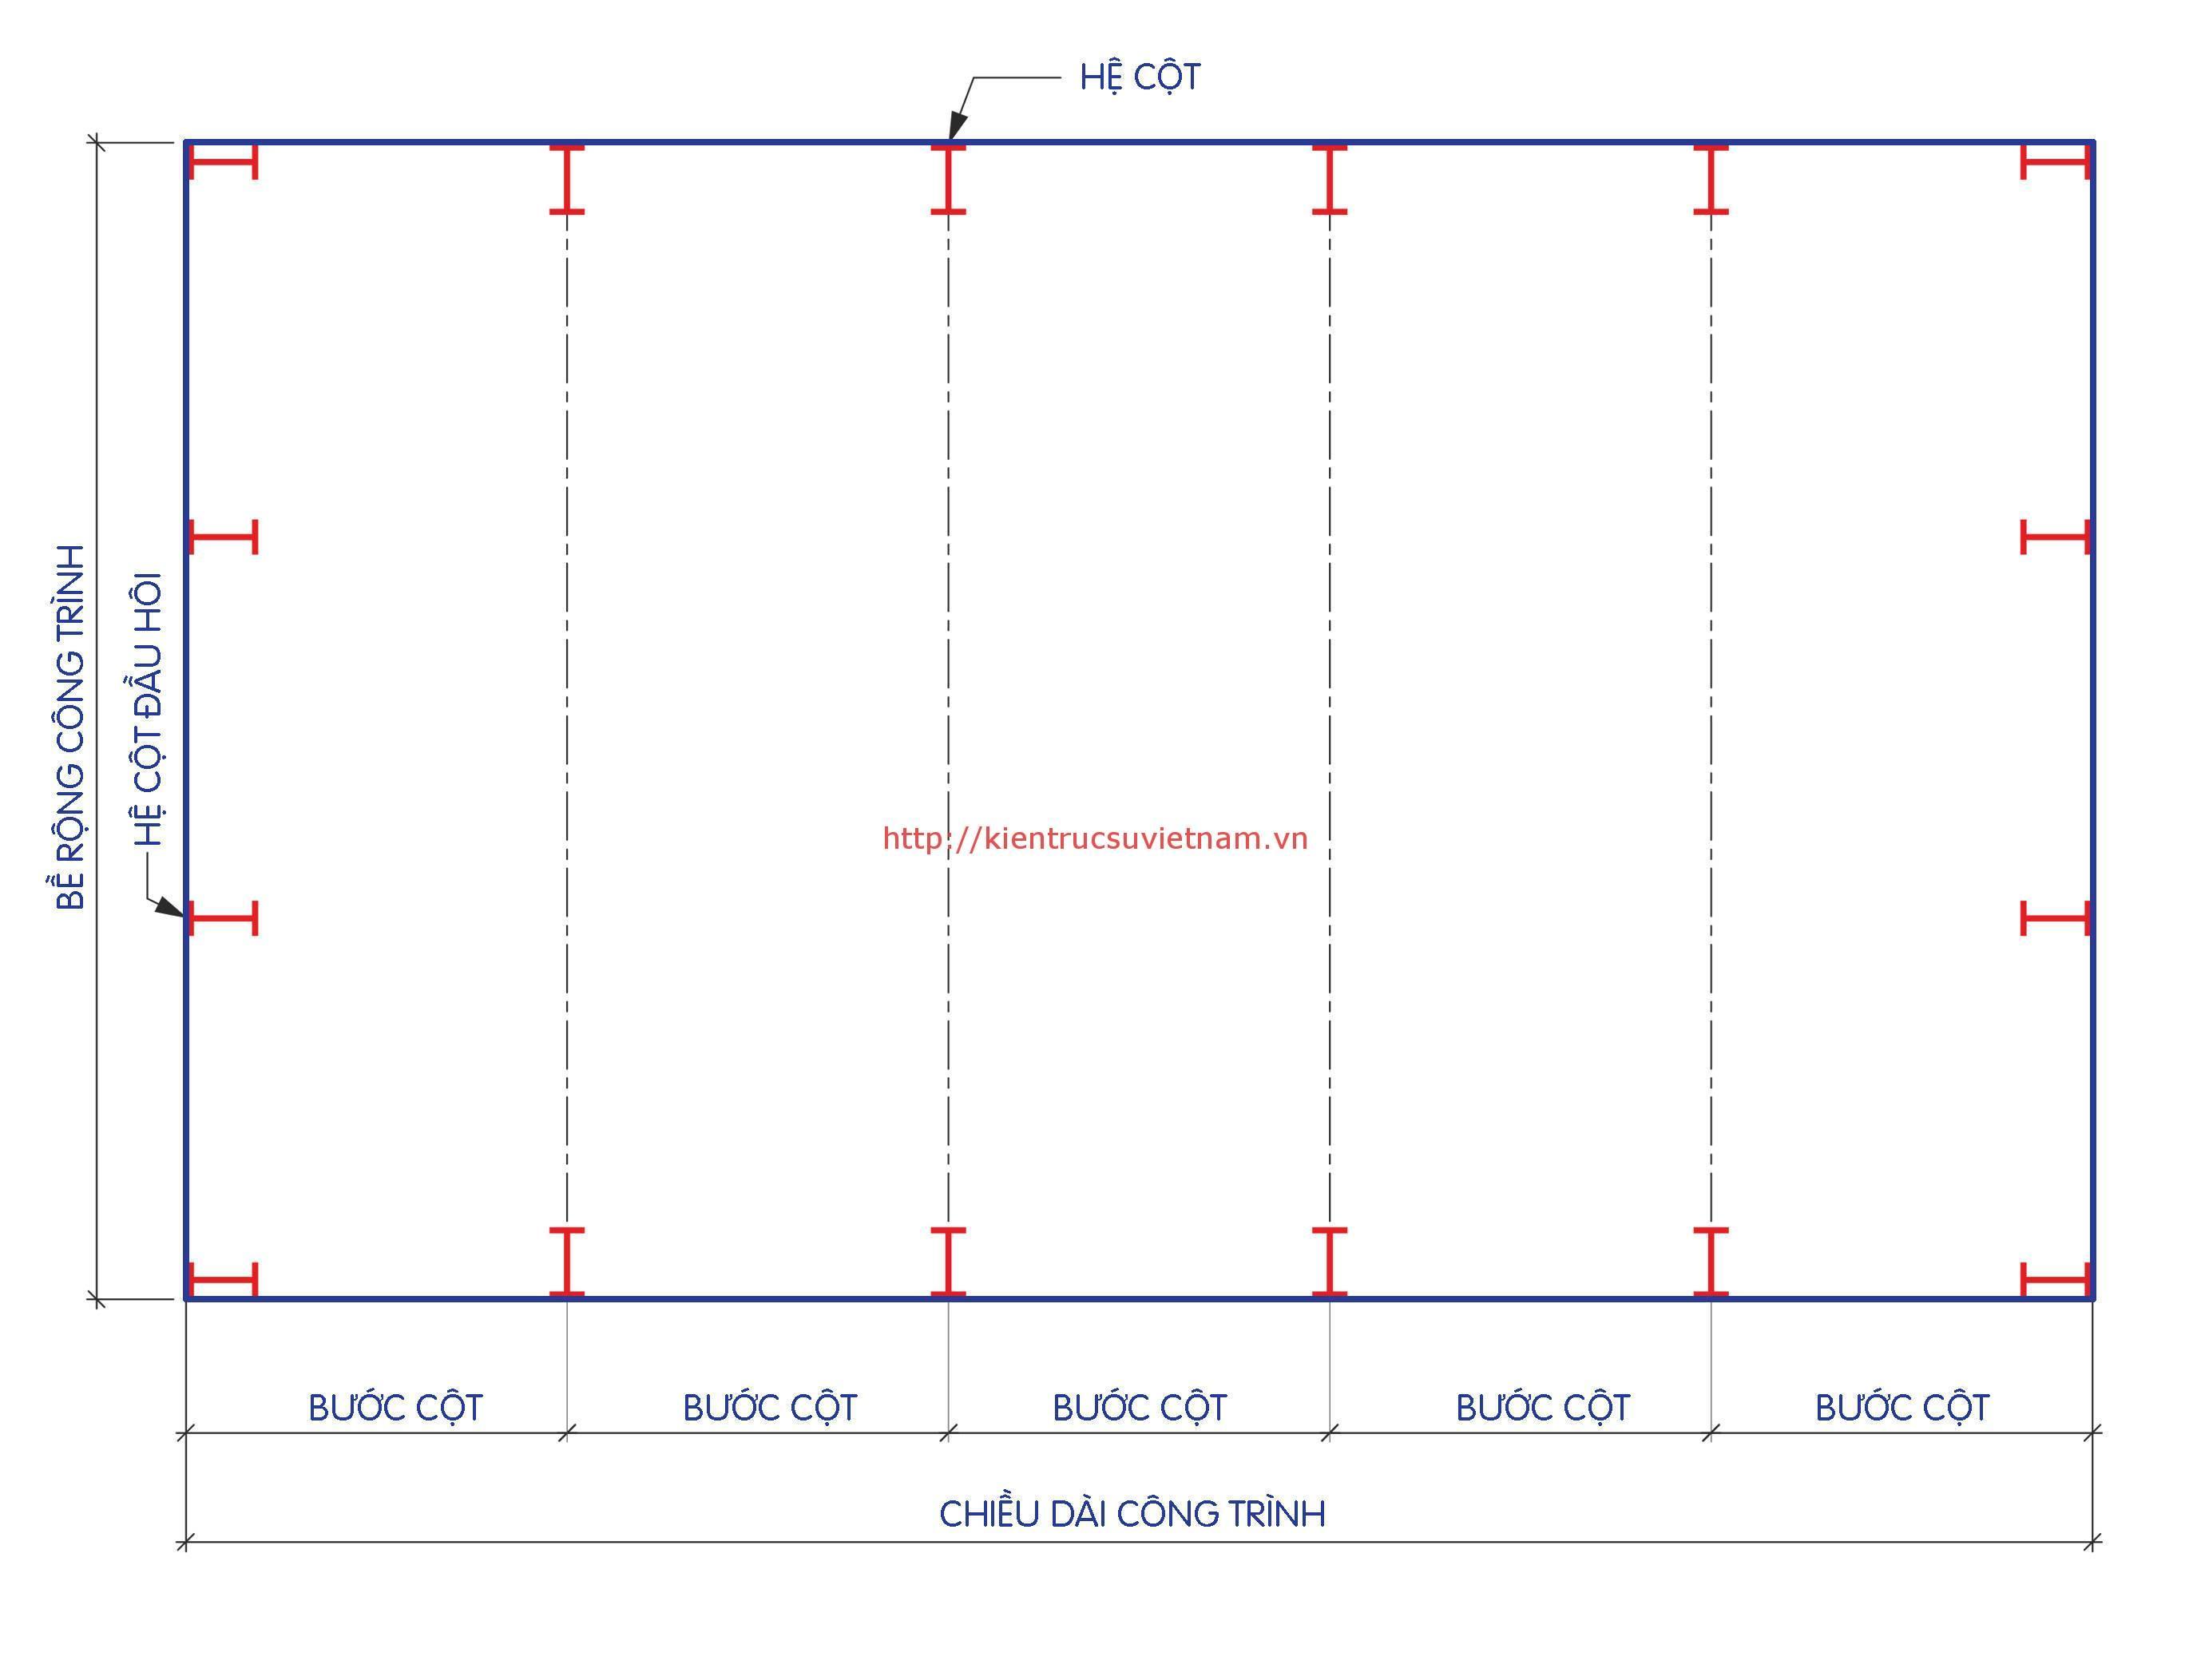 thông số cơ bản nhà thép tiền chế